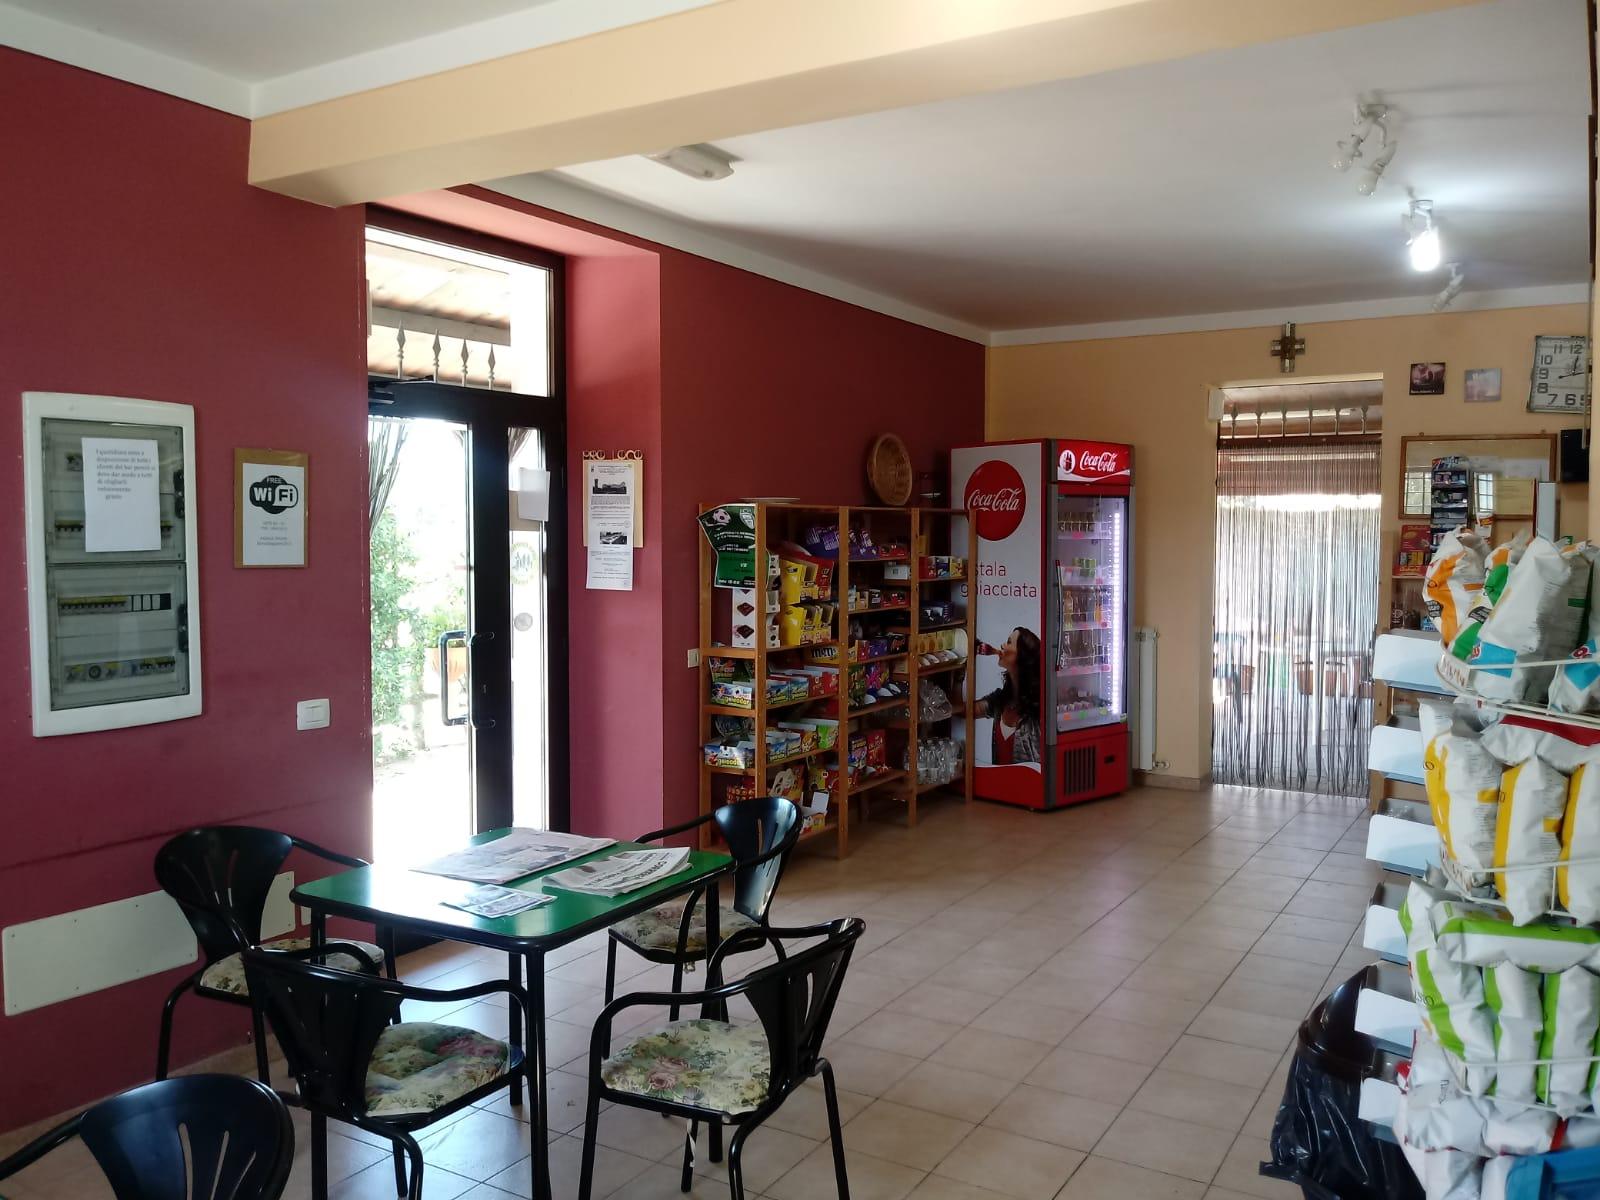 CASTEL SAN GIOVANNI, Attività bar/tabacchi